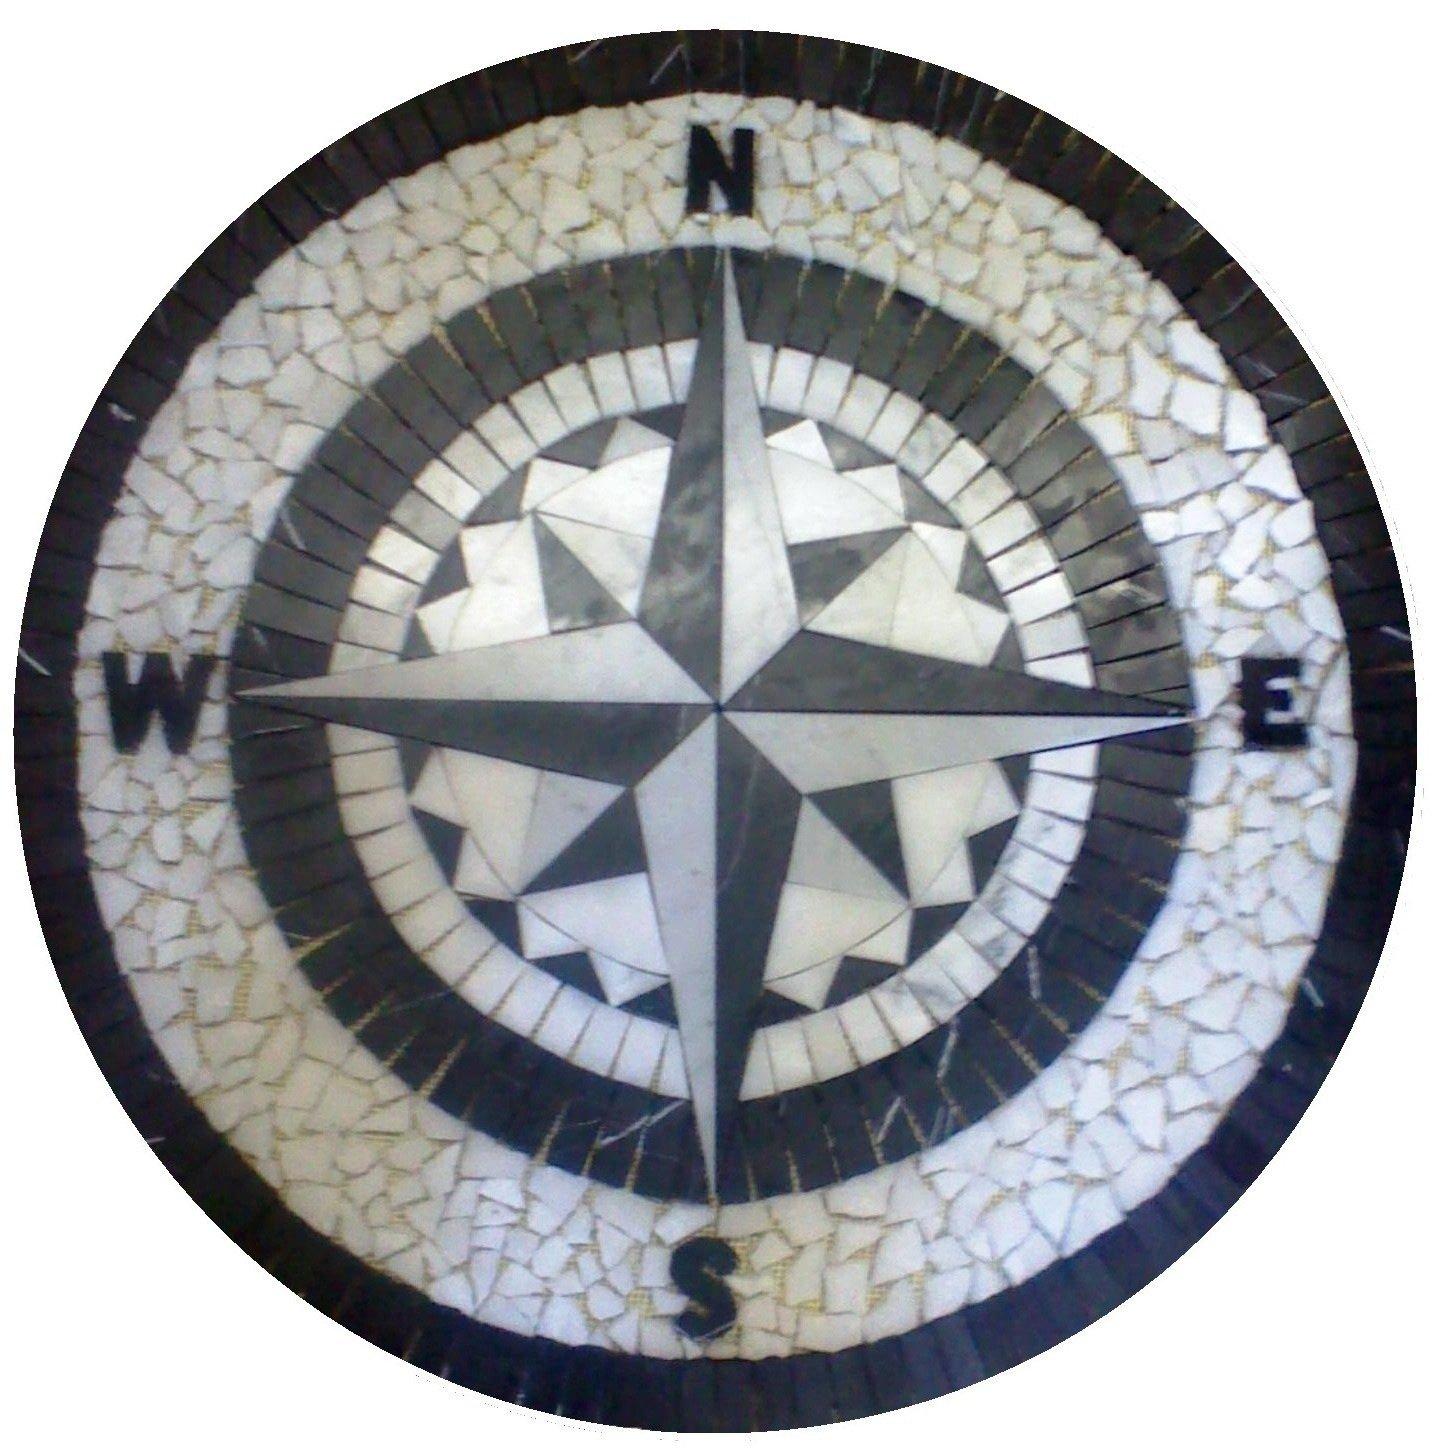 Tile Floor Medallion Marble Mosaic Black & White Compass Rose Star 24''